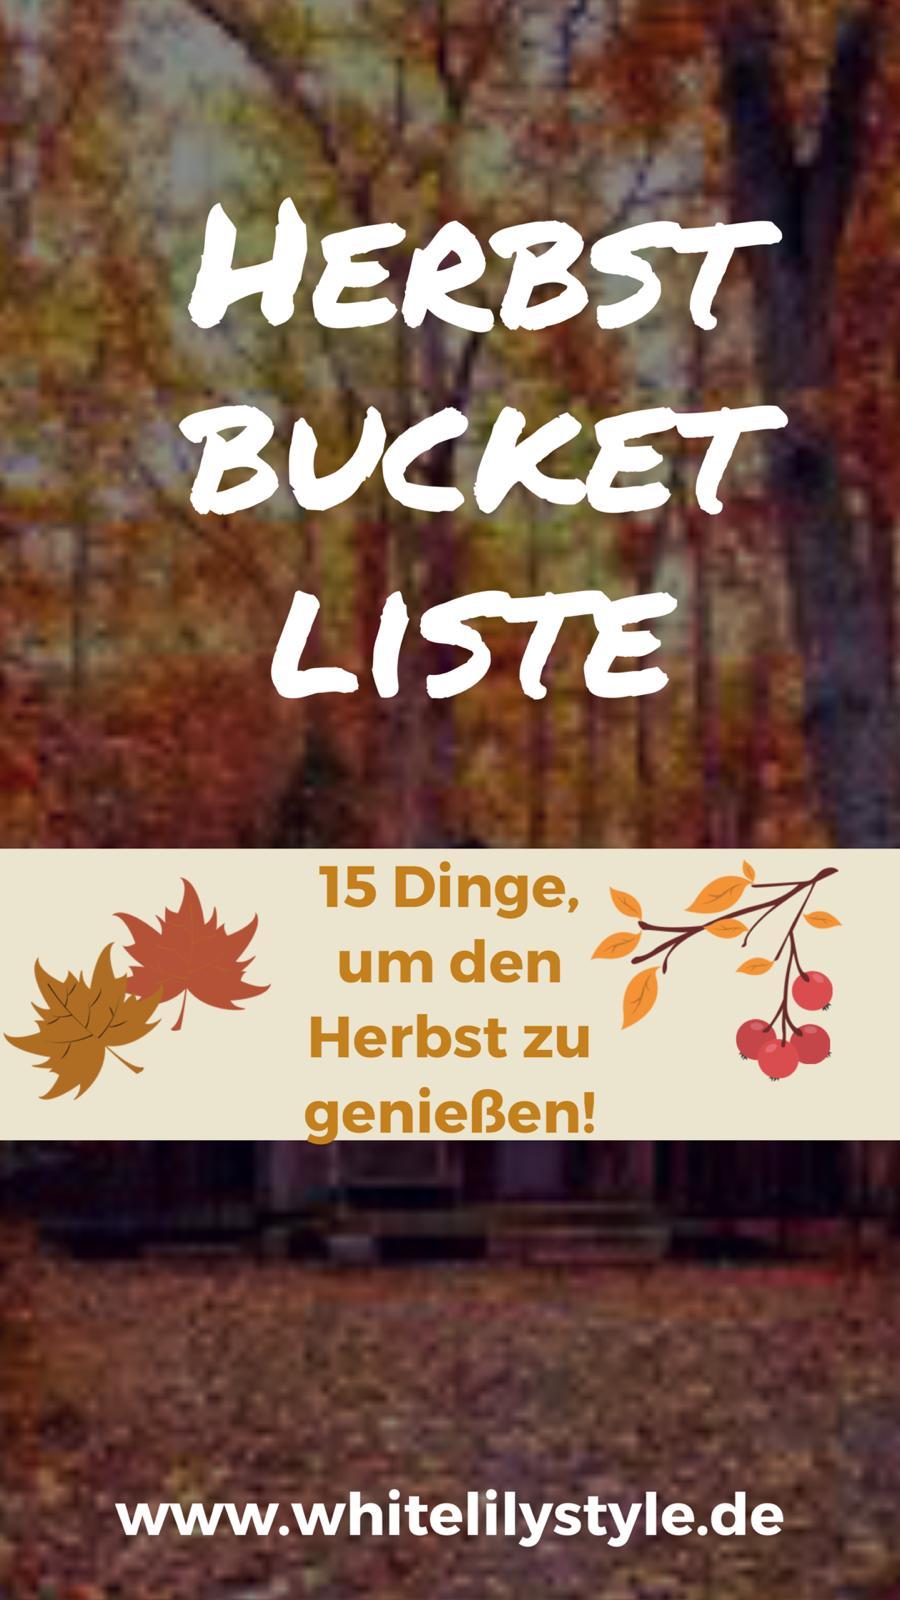 Herbst Bucket Liste – 15 Dinge, um den Herbst zu genießen!